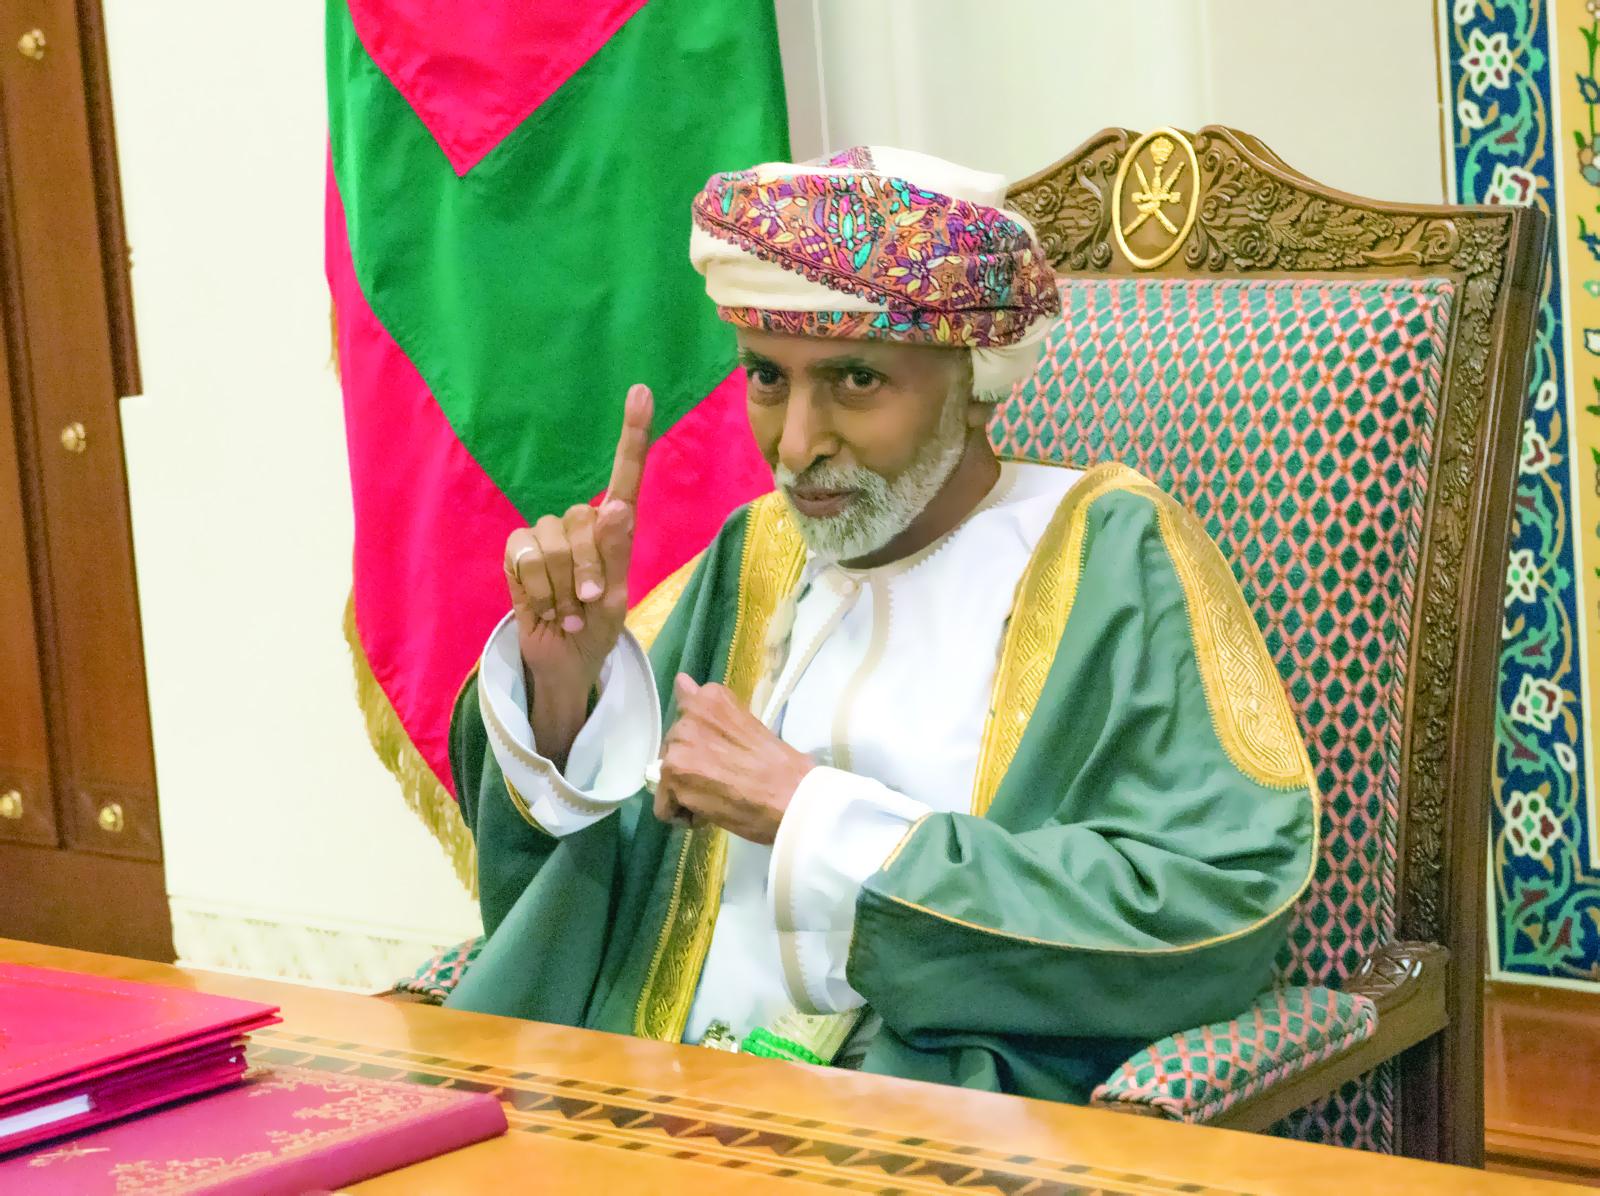 جلالة السلطان يتطرق إلى القضايا التي تهم الوطن والمواطنين